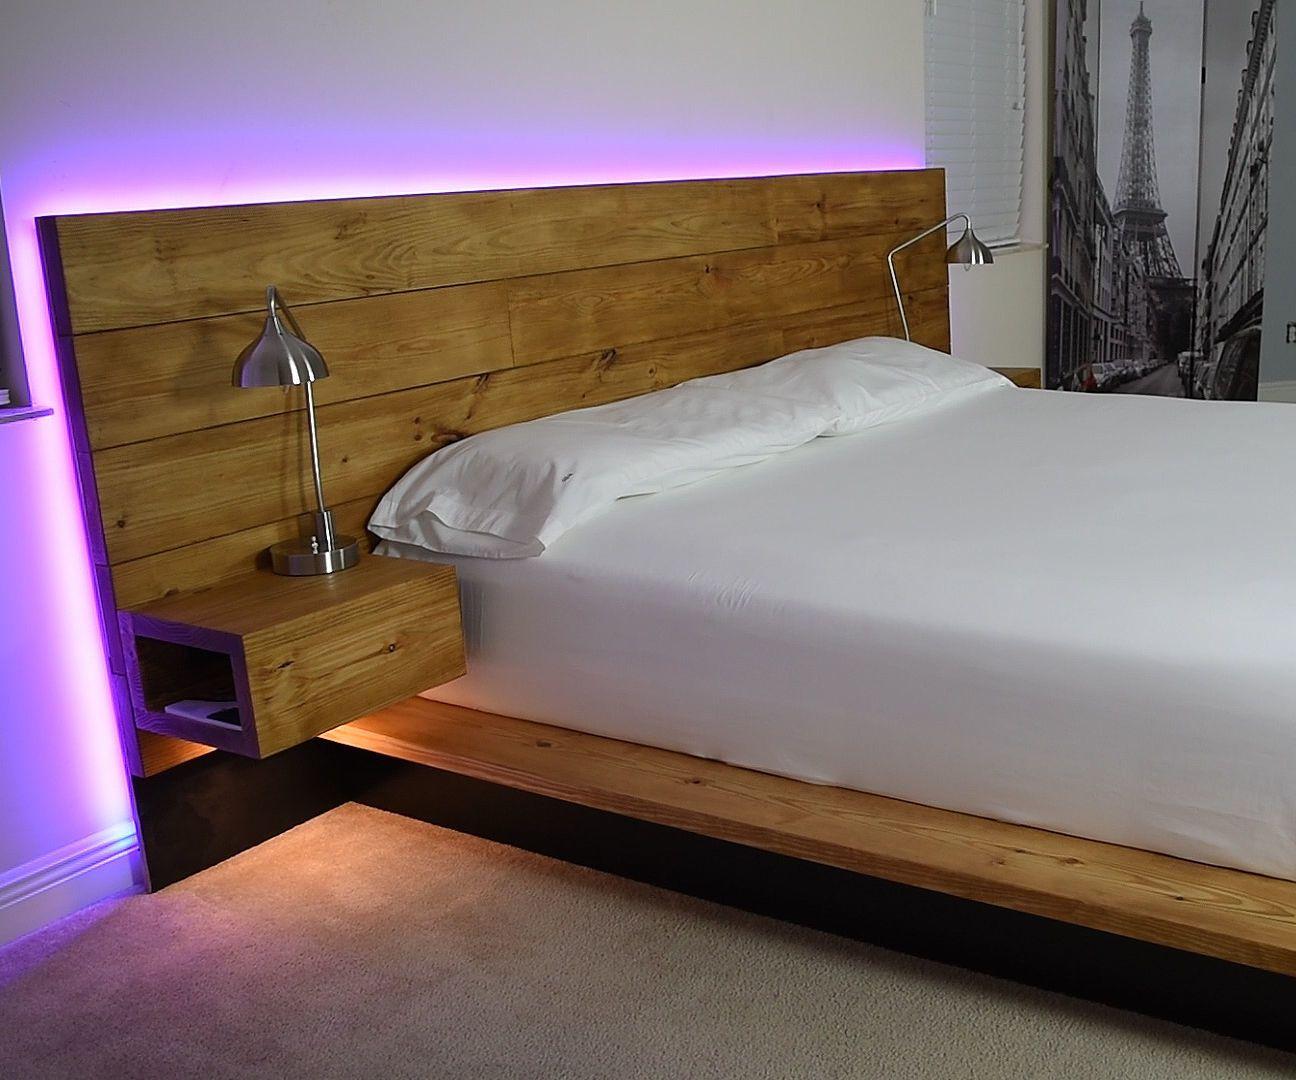 DIY Platform Bed With Floating Night Stands Platform